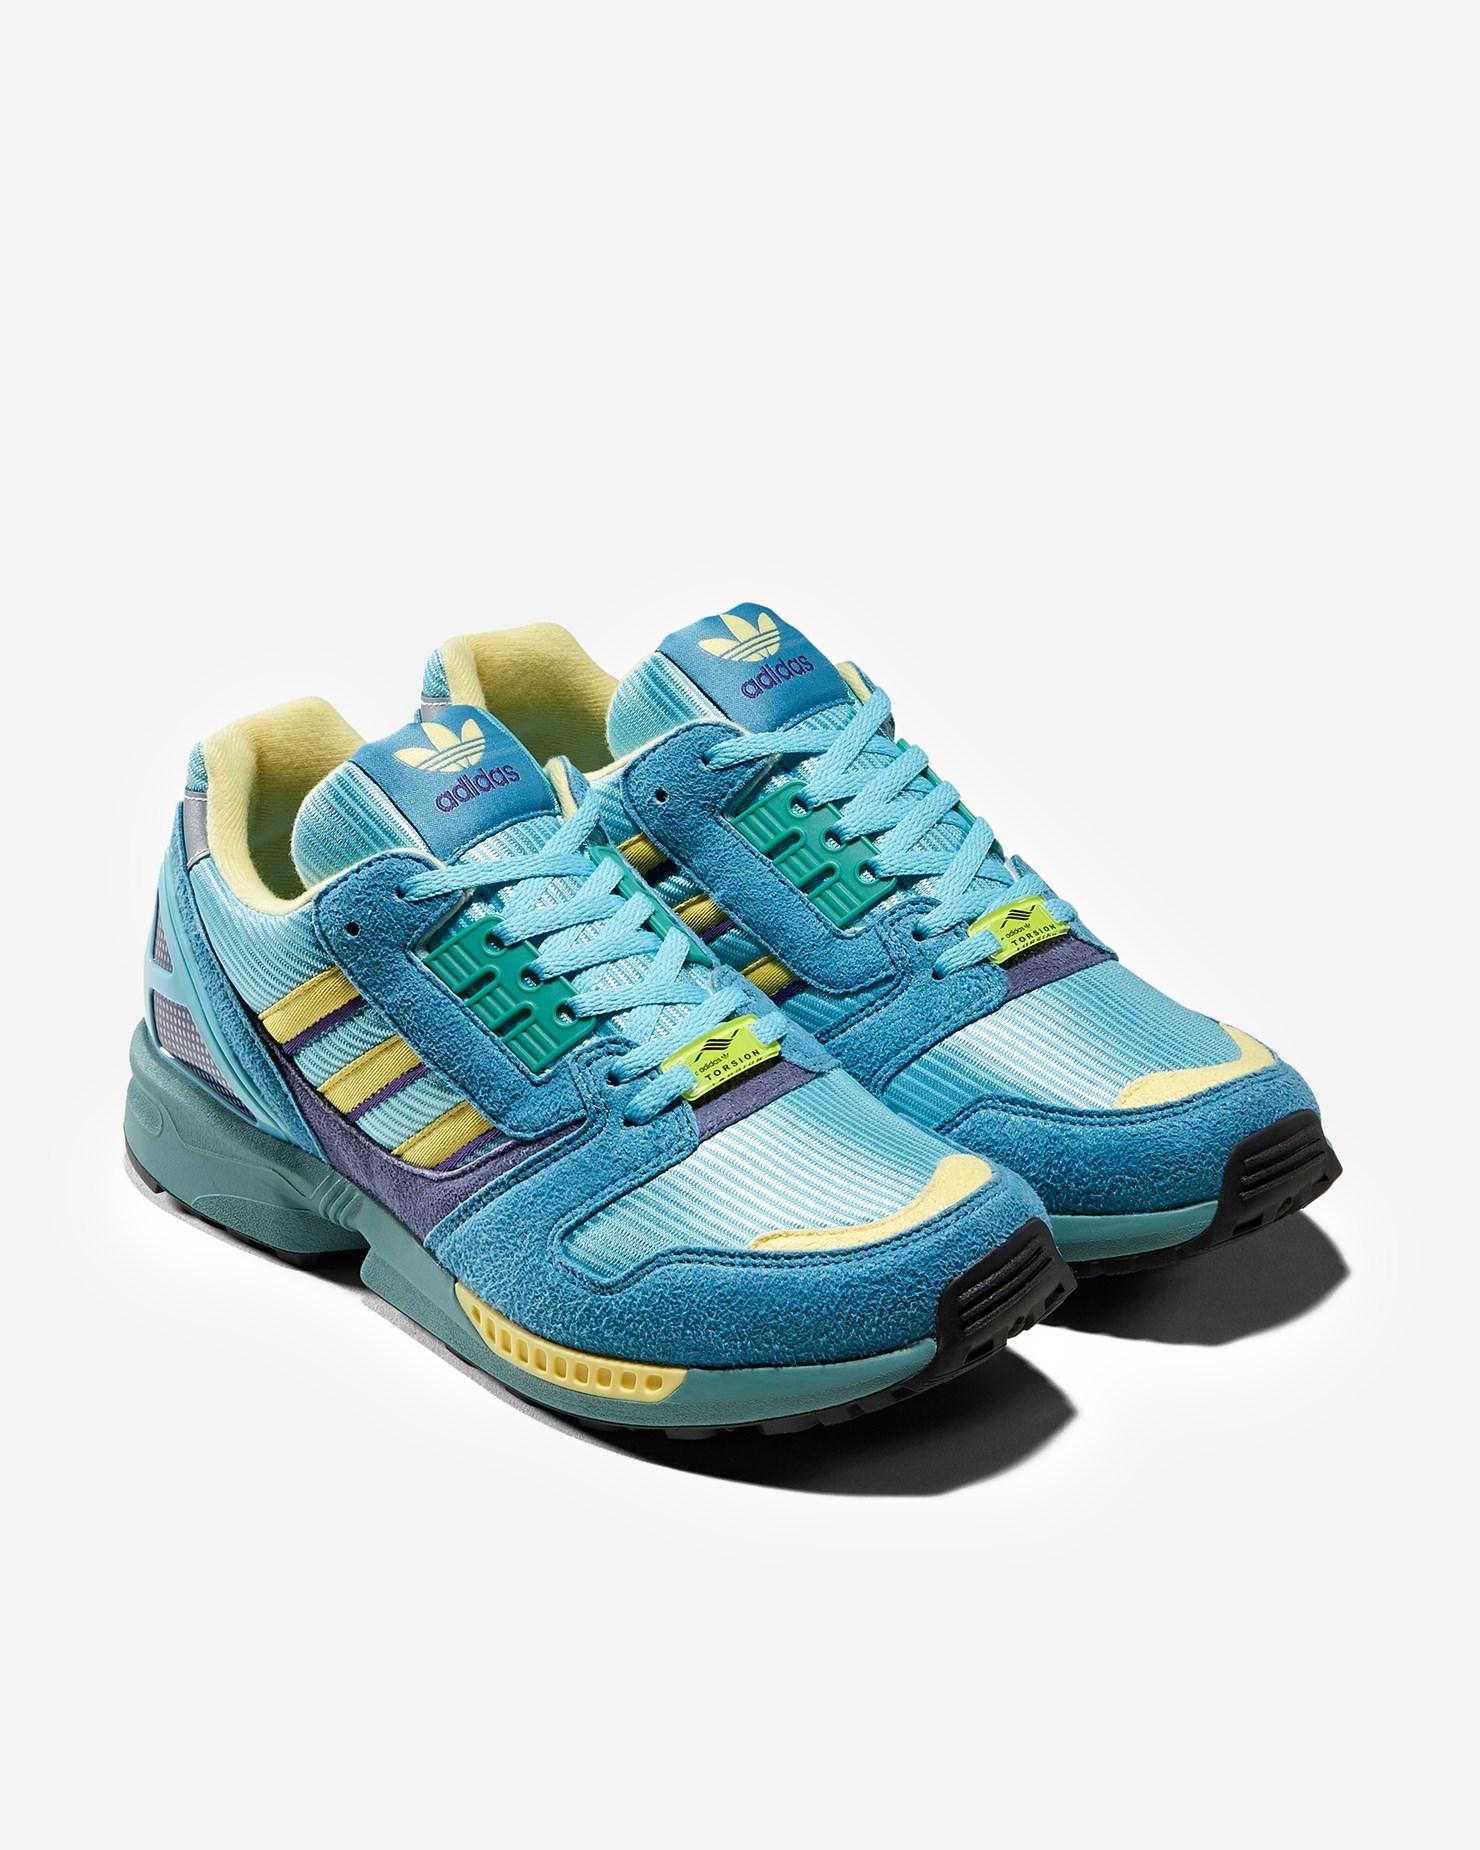 adidas Originals ZX 8000 OG Light Aqua Retro Running Shoes